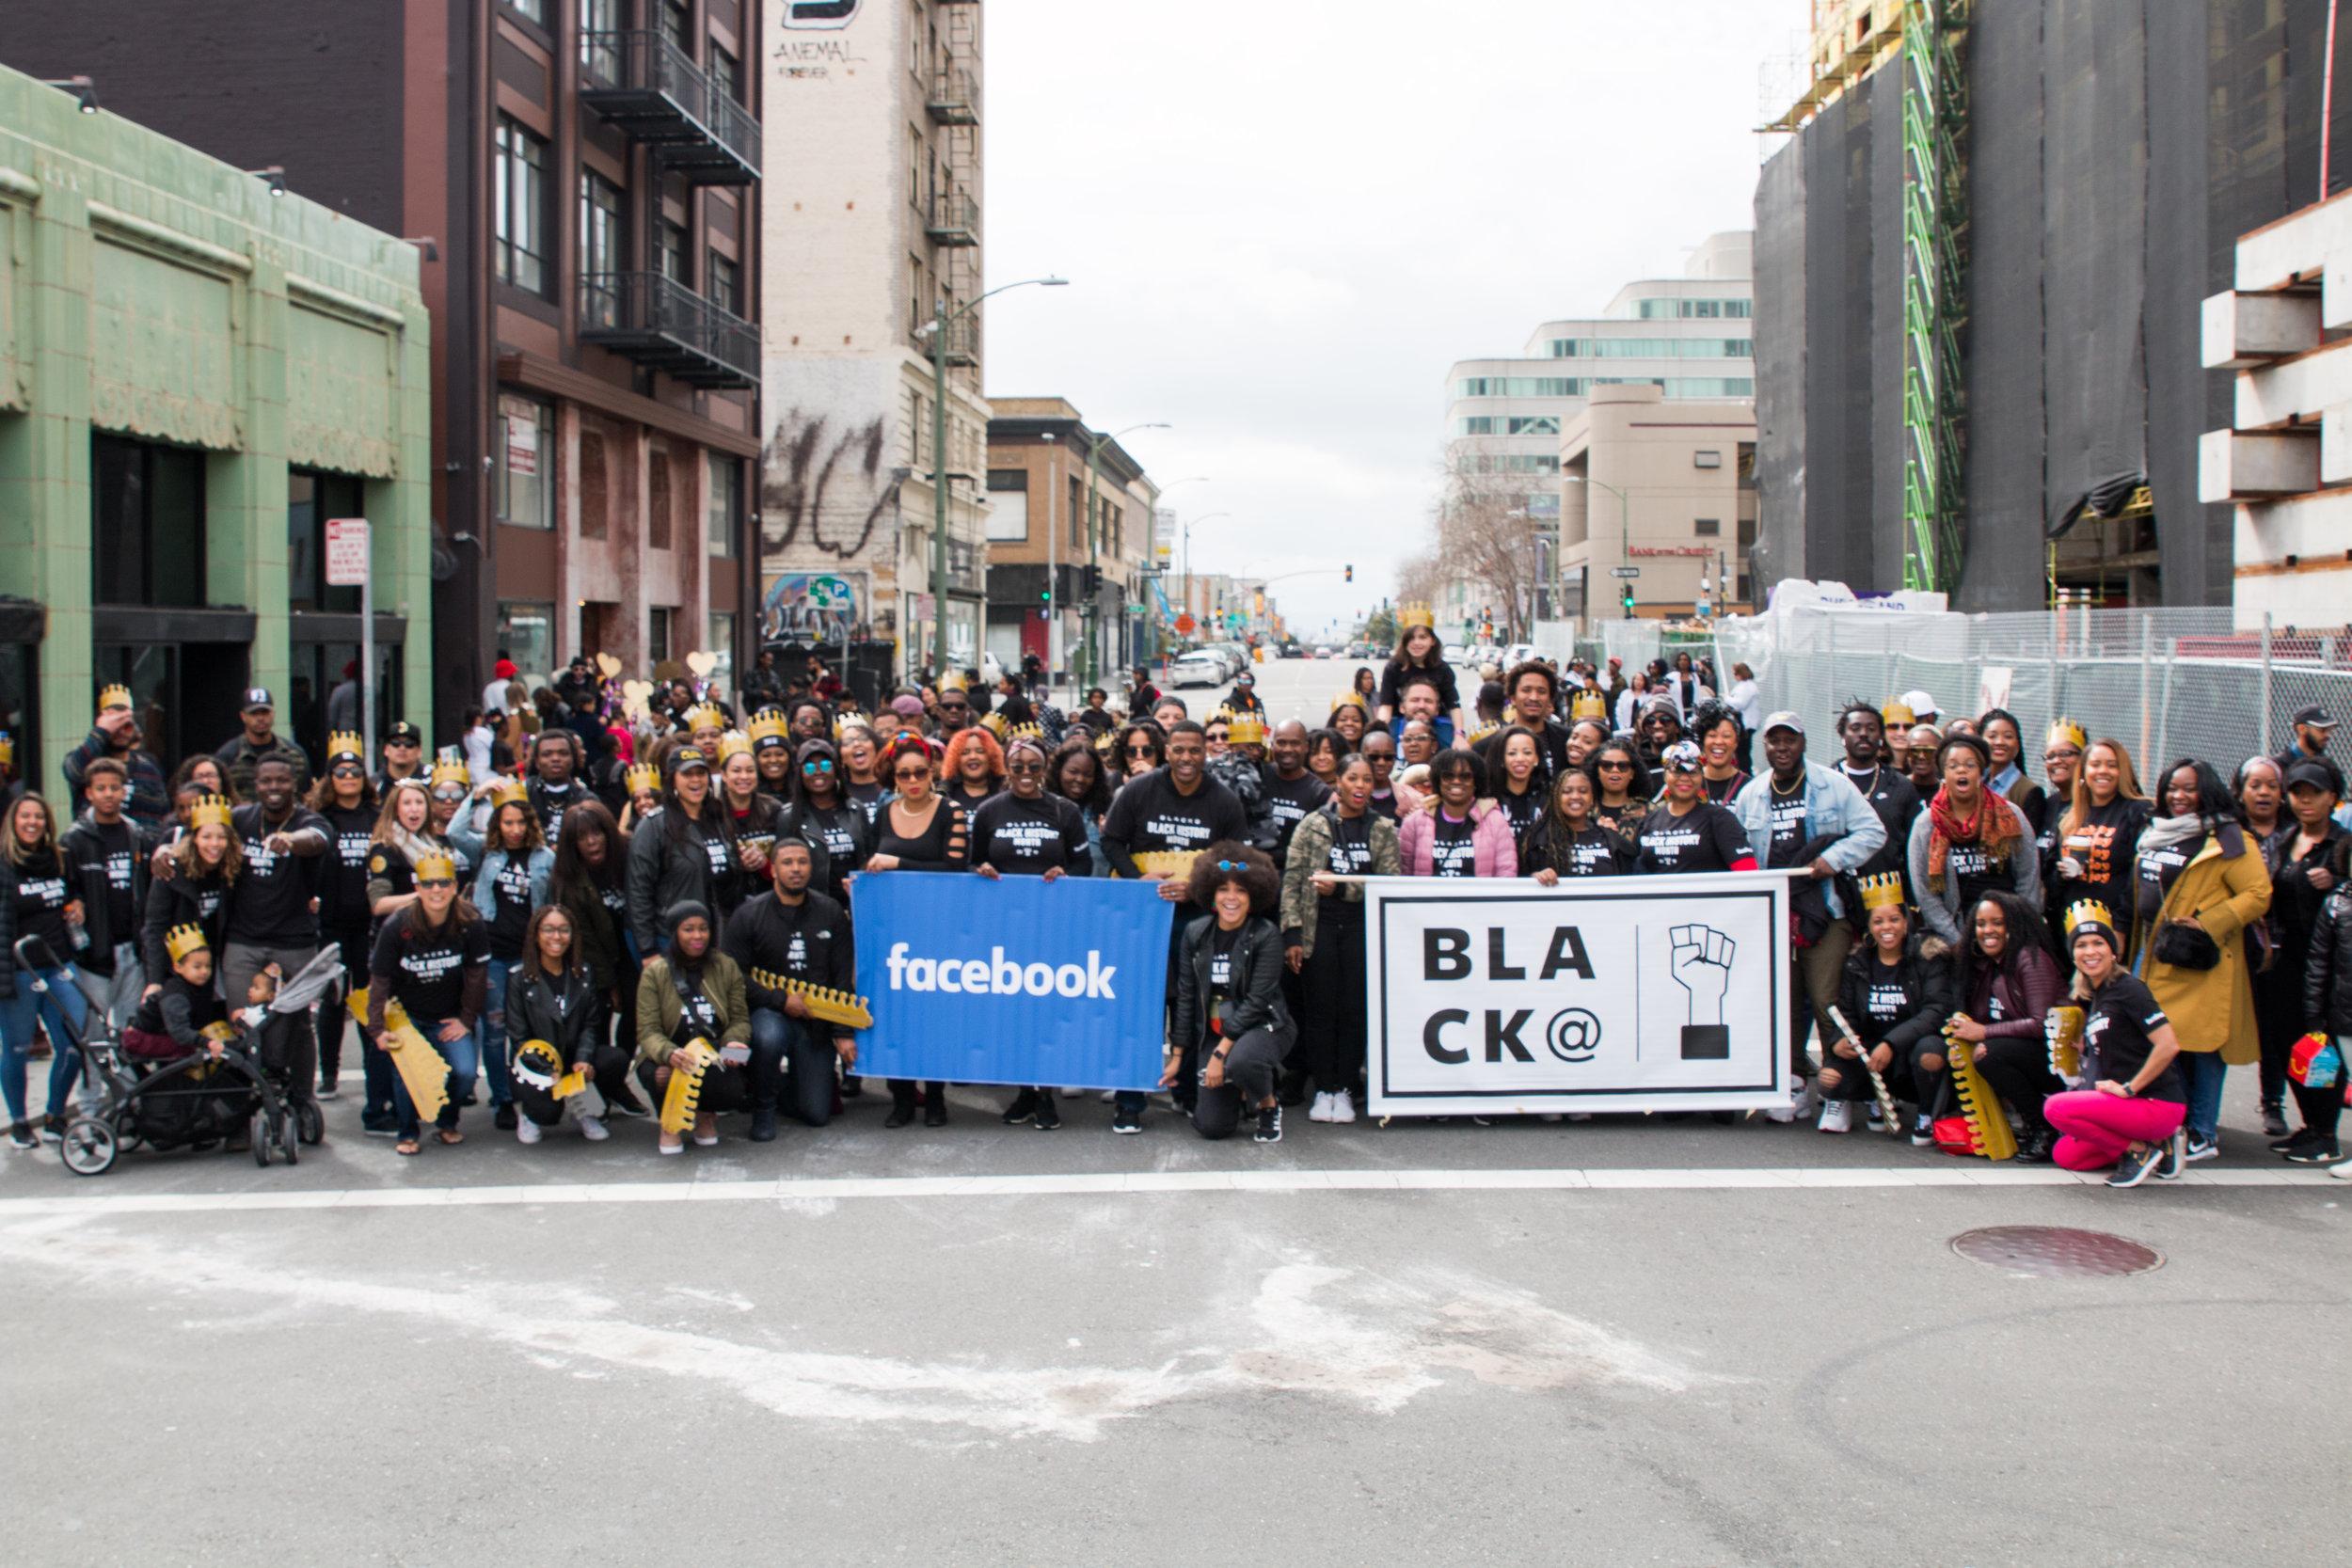 Facebook Black History Campaign 2019